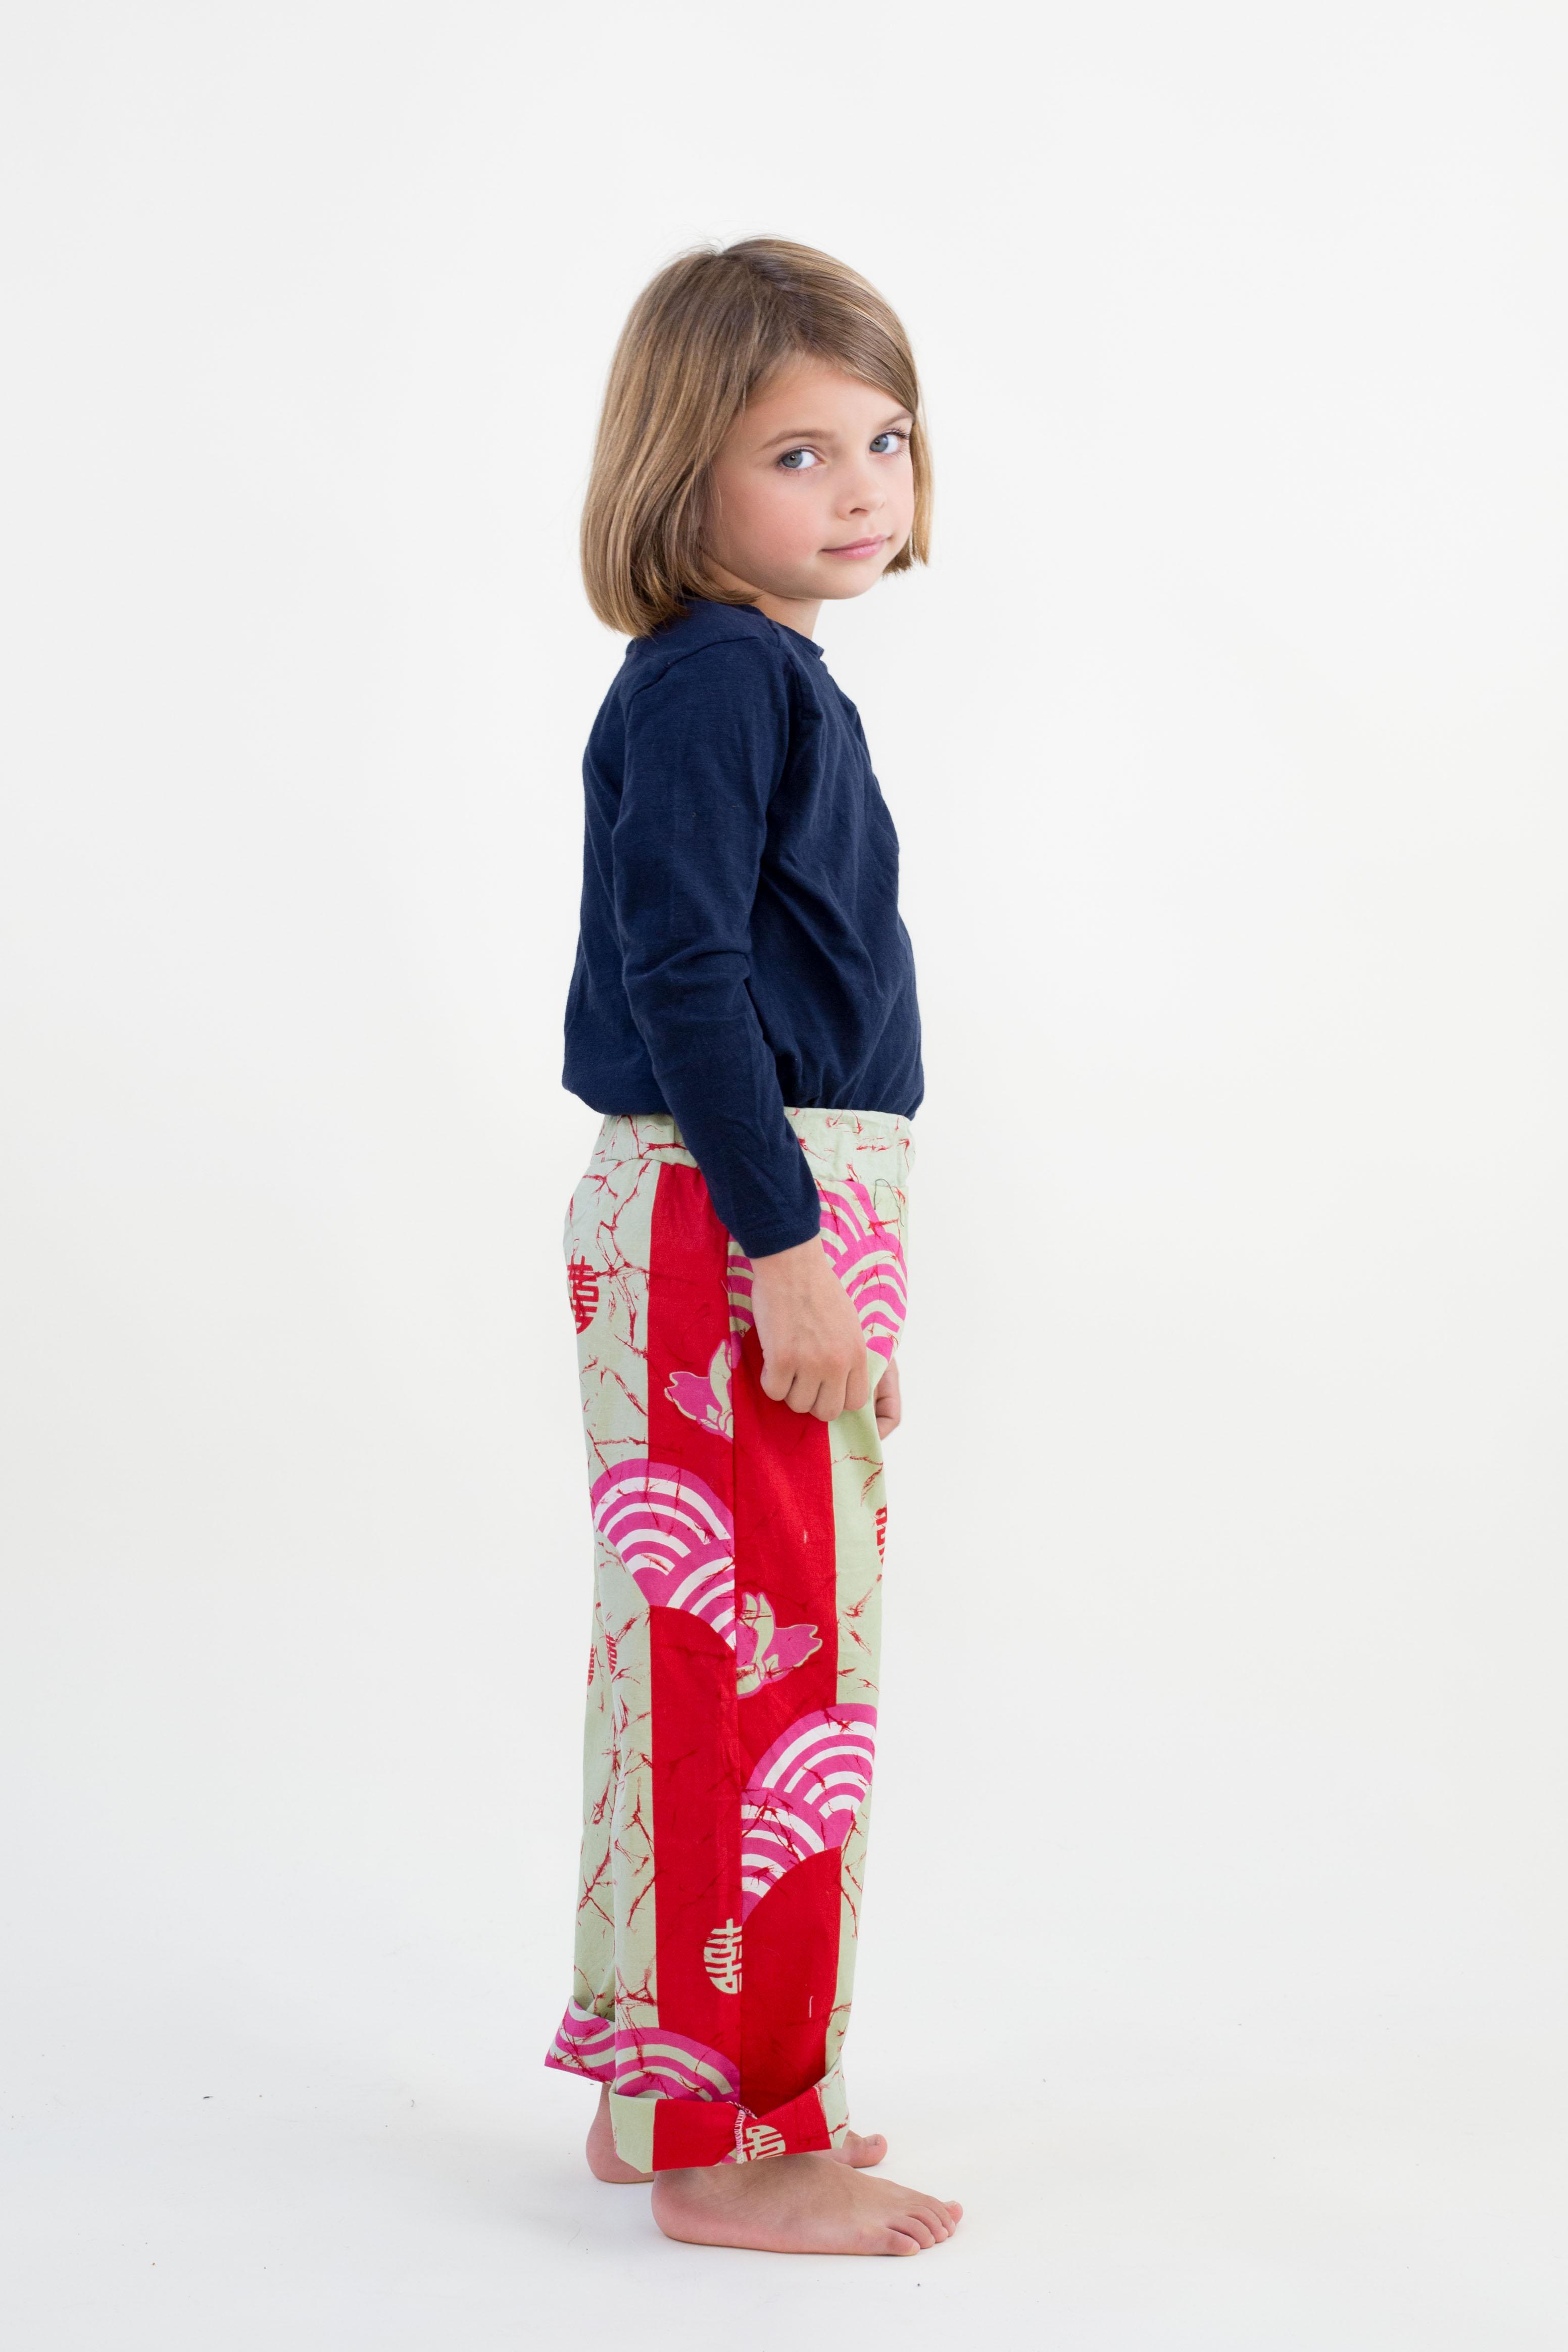 skandimama karoline hughes ikea print pyjama pants